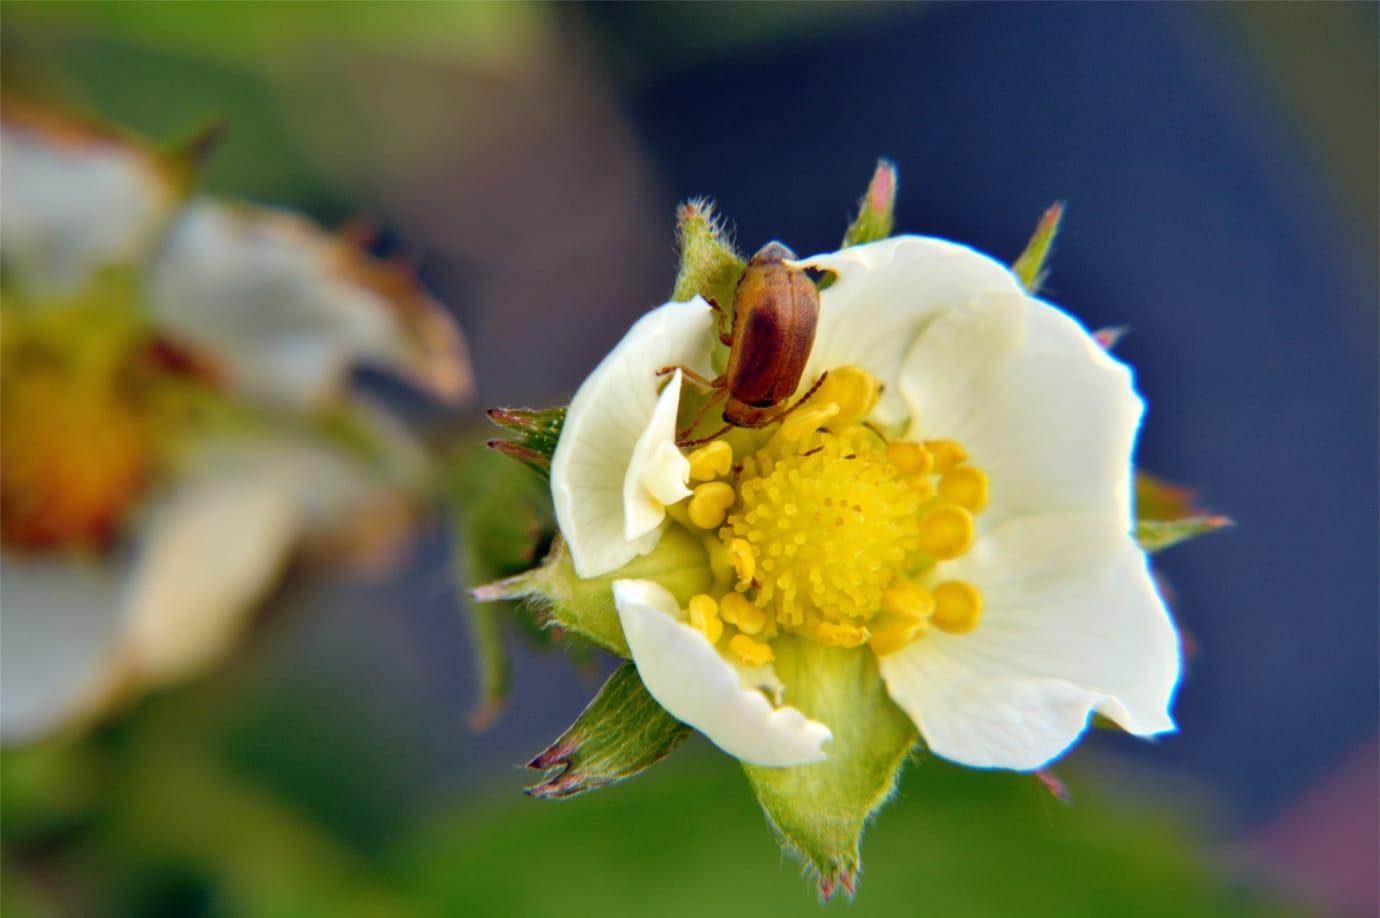 Giftfri odling kan försämra pollineringen av grödor